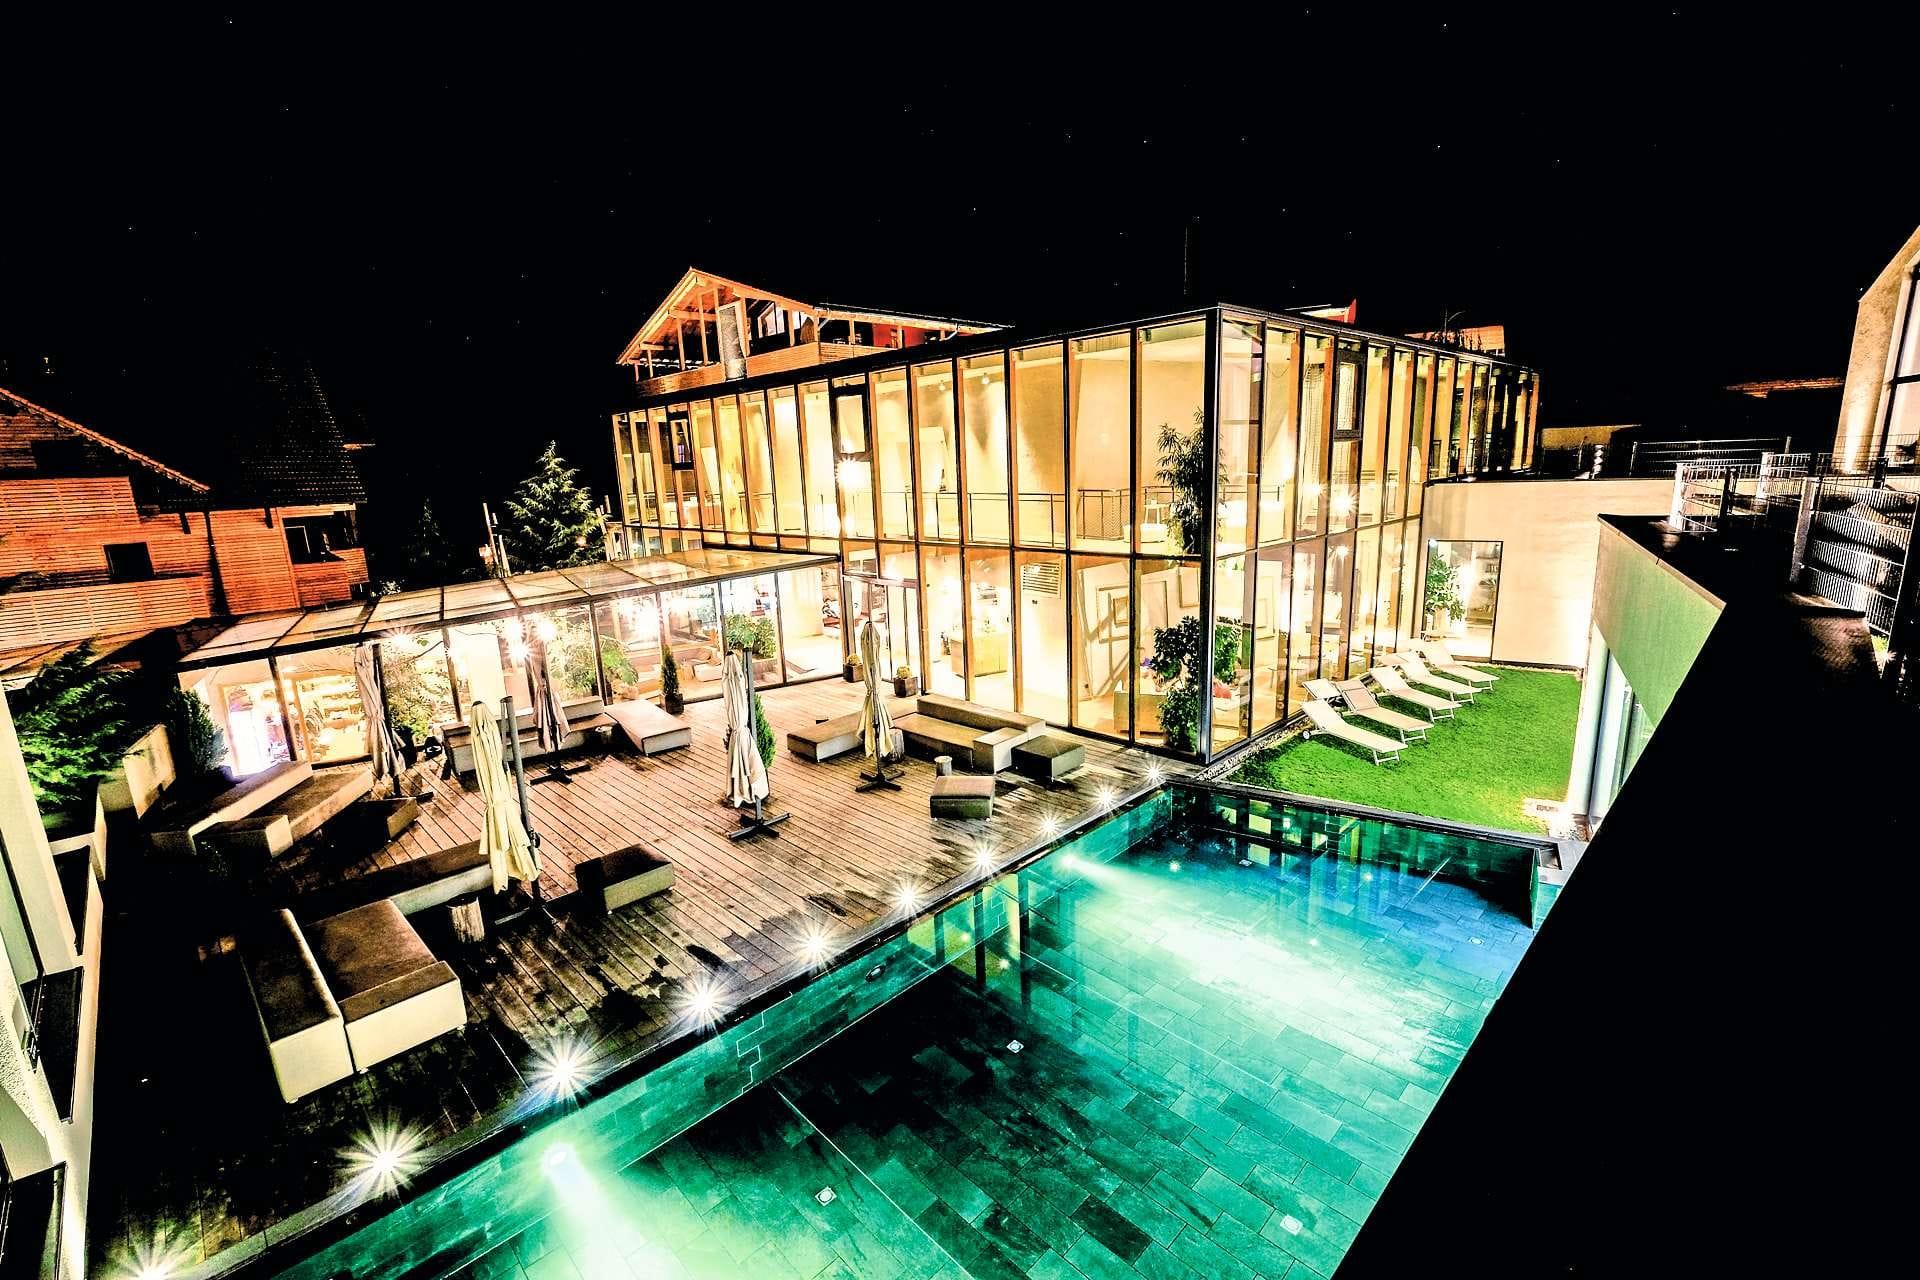 Blich nachts auf das beleuchtete Haus_Ulrichshof_Rimbach